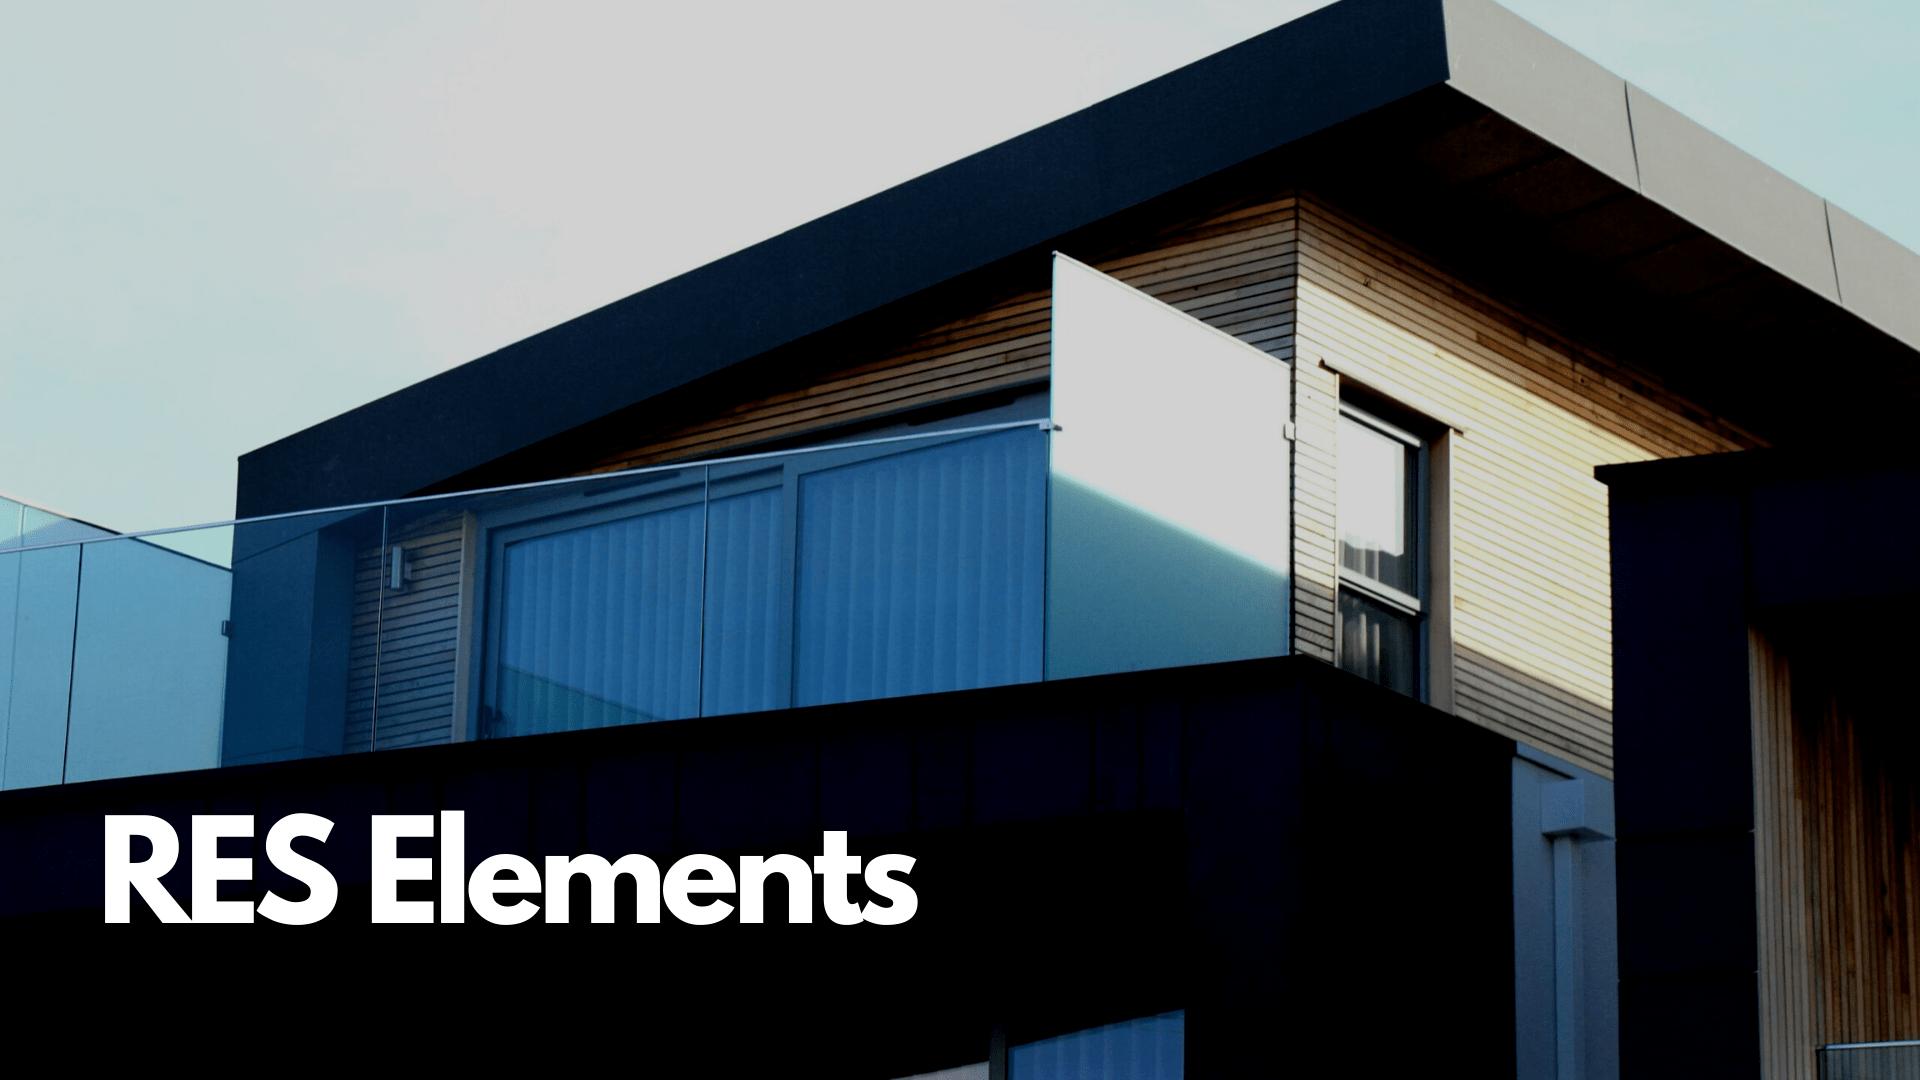 RES Elements